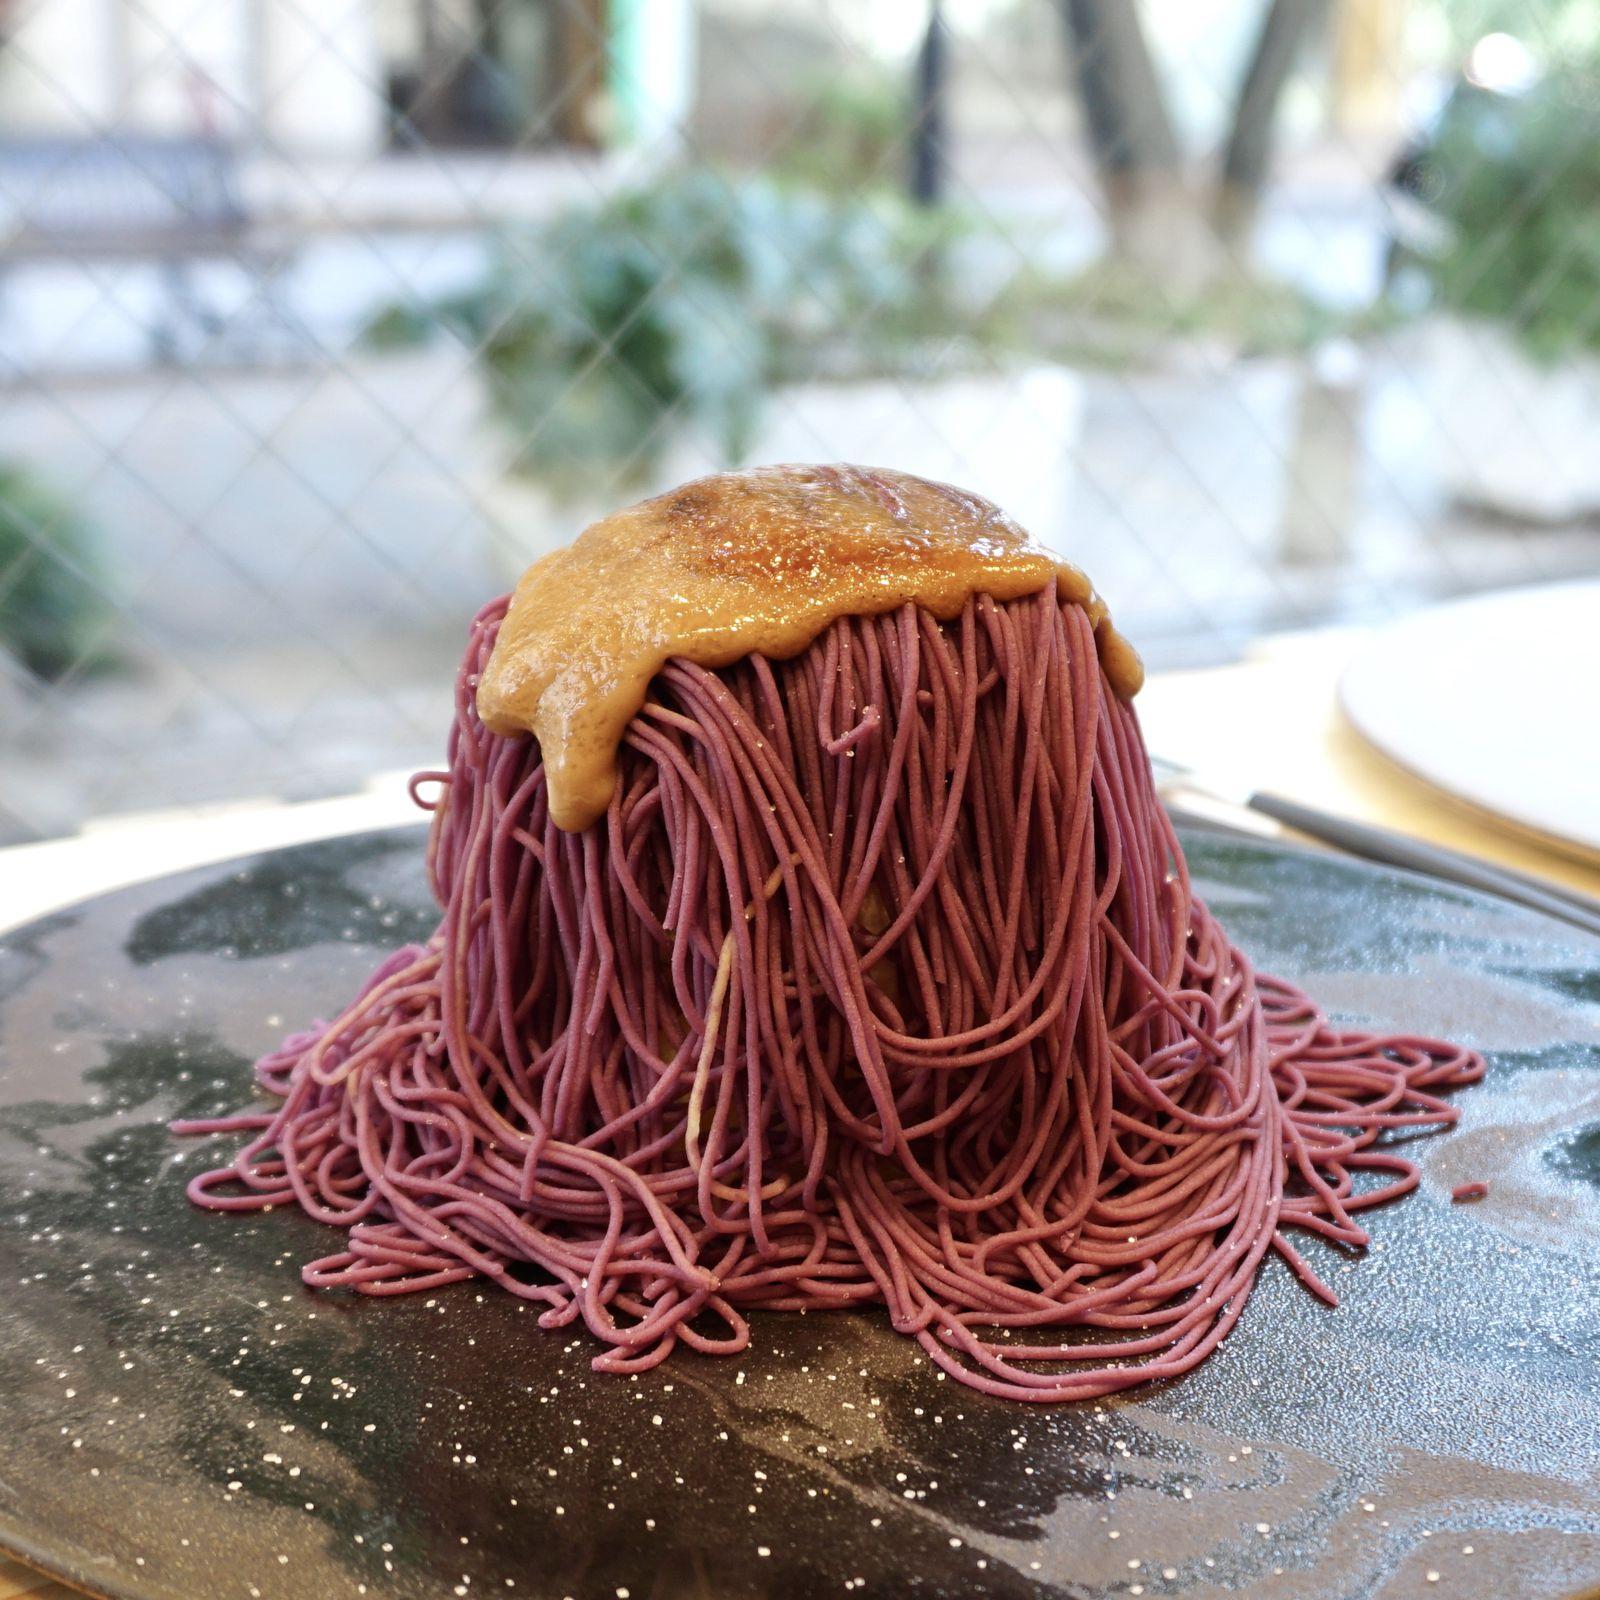 """モンブラン?スイートポテト?「いもこ」の""""おいもモンブラン""""を食べてみた!   RETRIP[リトリップ]"""